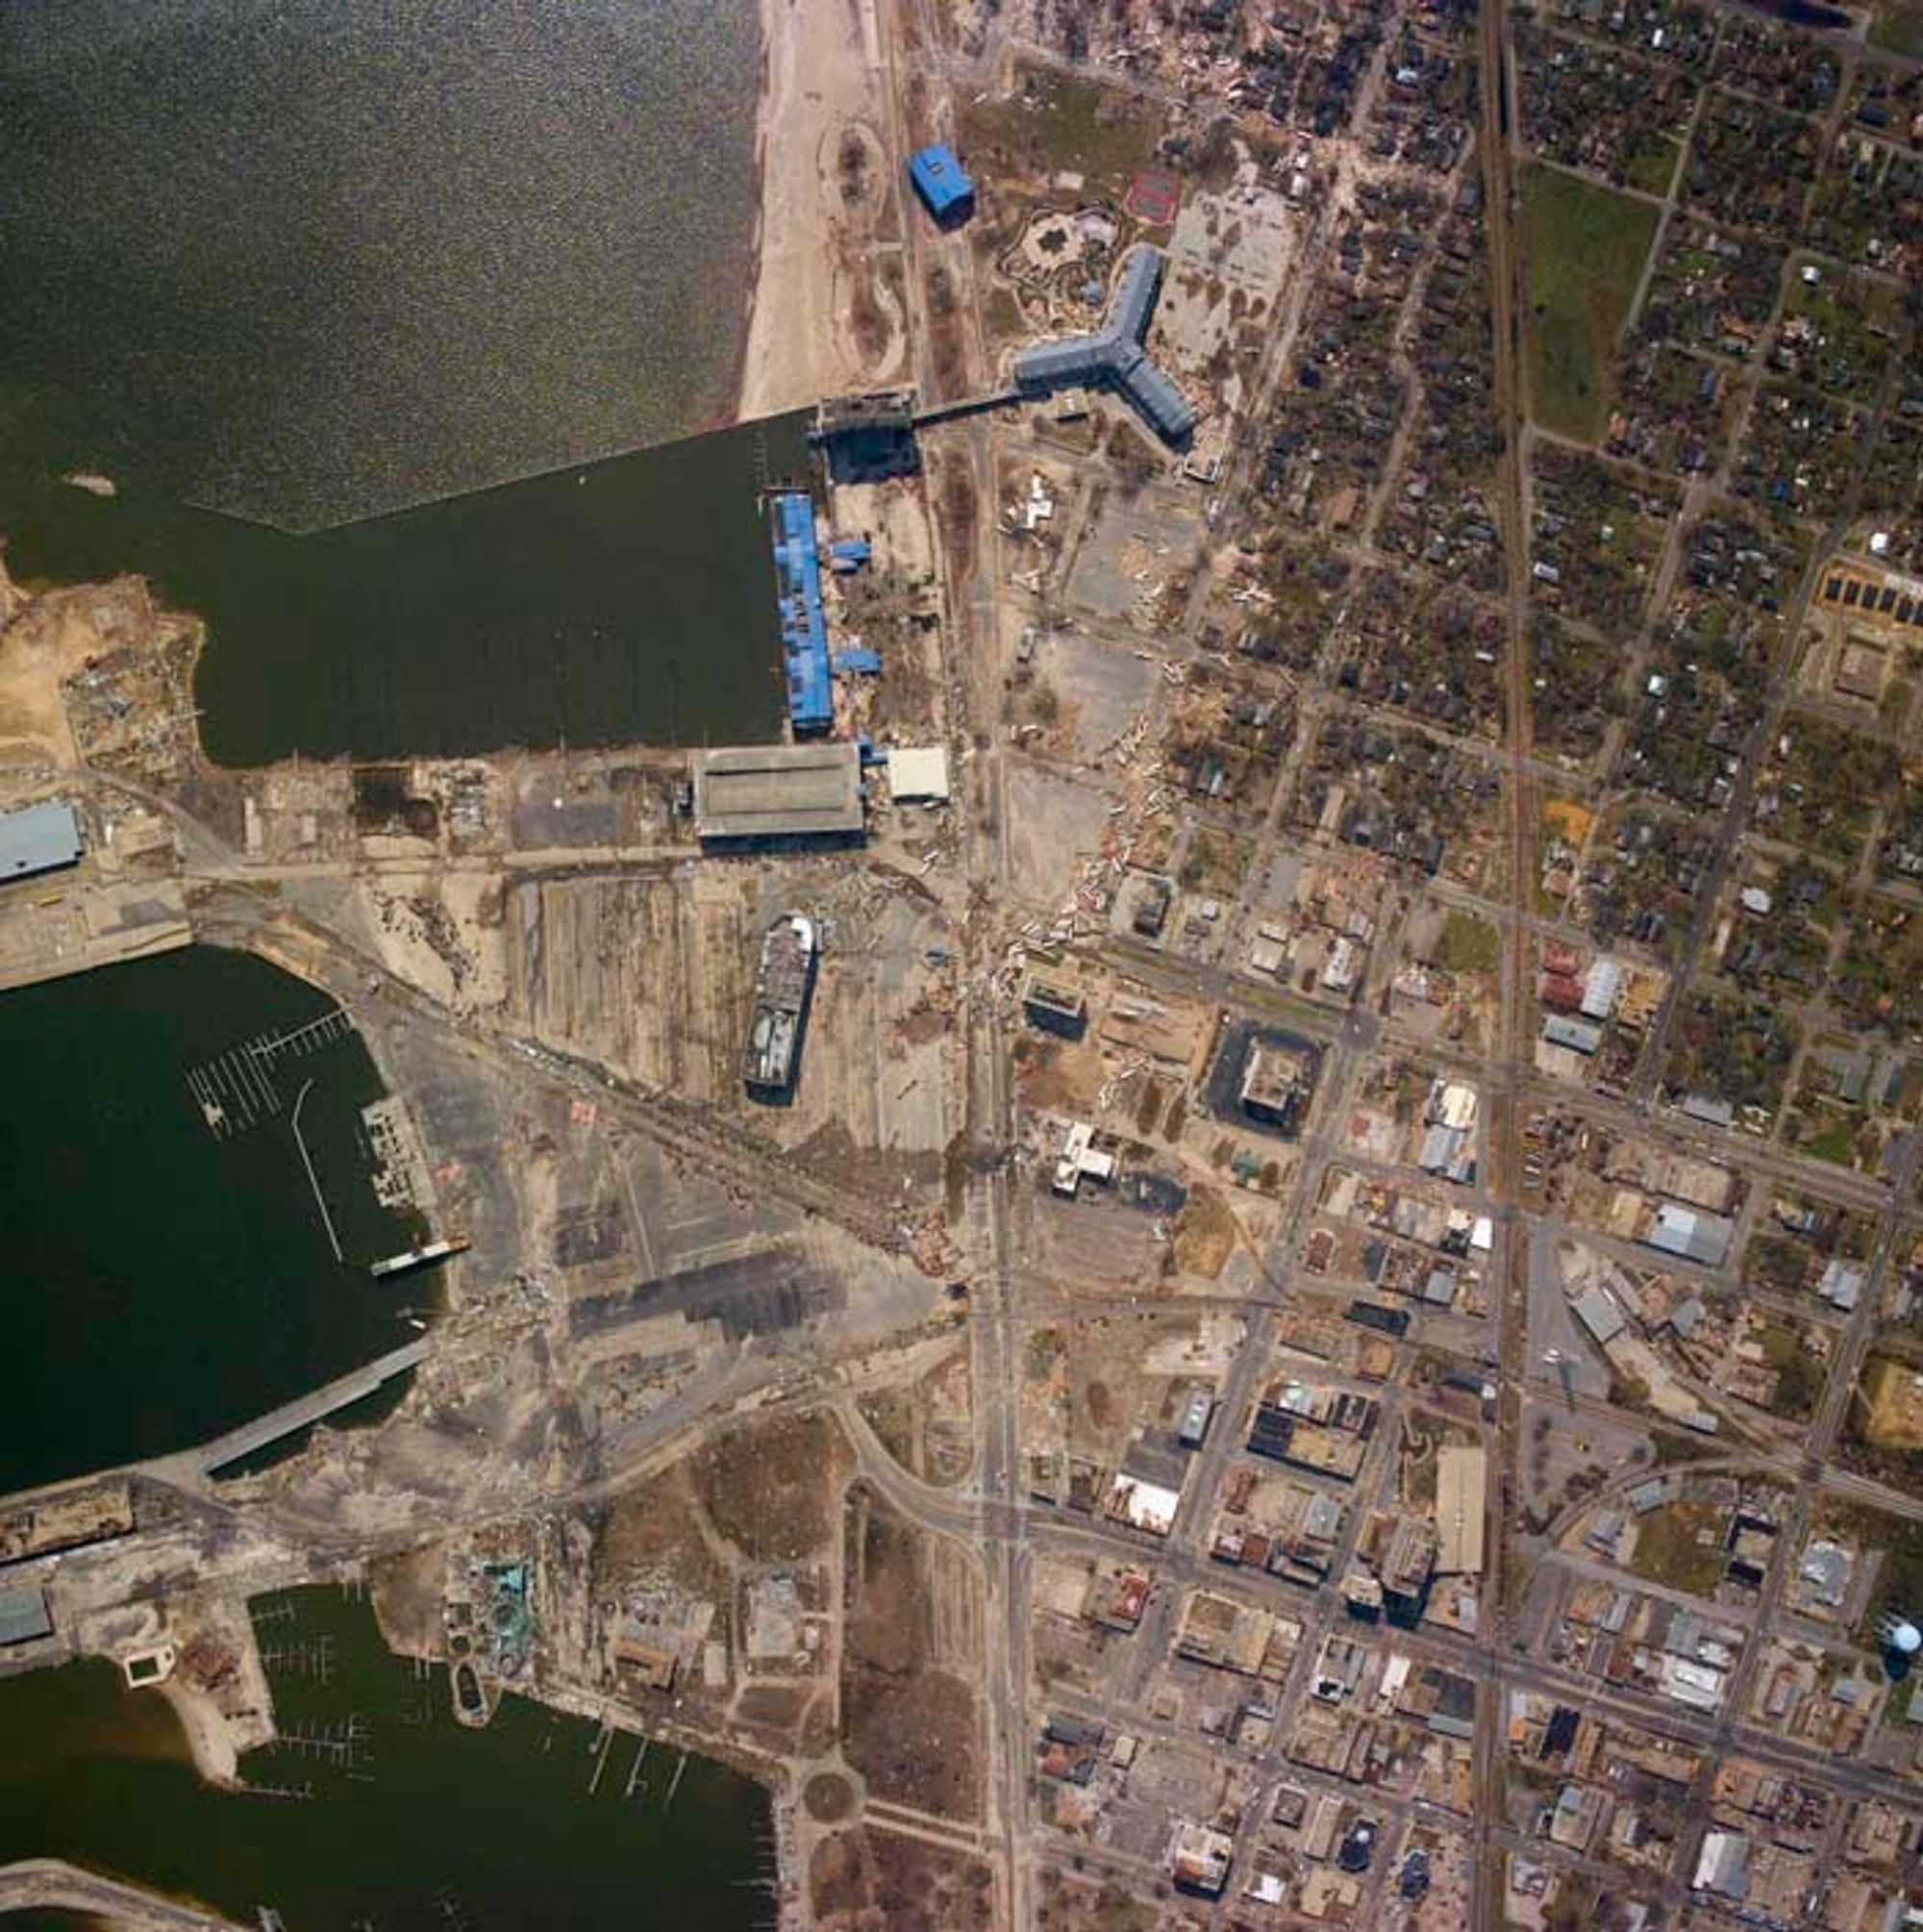 RAMMES FORTSATT: Gulfport i Mississippi ble rammet hardt av orkanen Katrina. Fortsatt er arsenikkonsentrasjonene her langt høyere enn det som er akseptabelt.